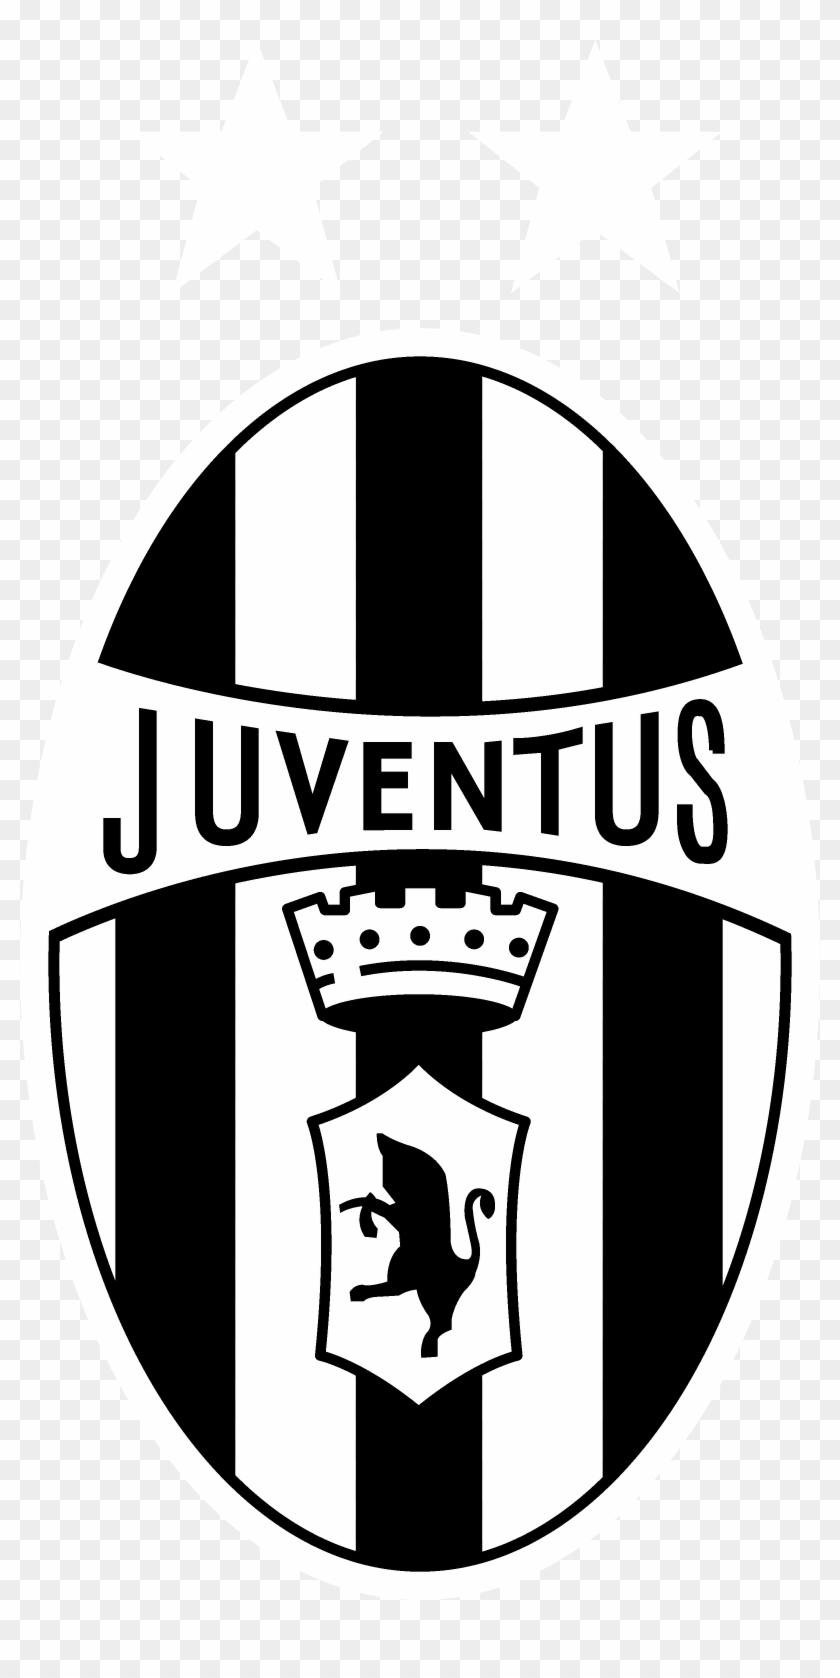 Juventus Logo Black And White - Juve Logo No Background, HD